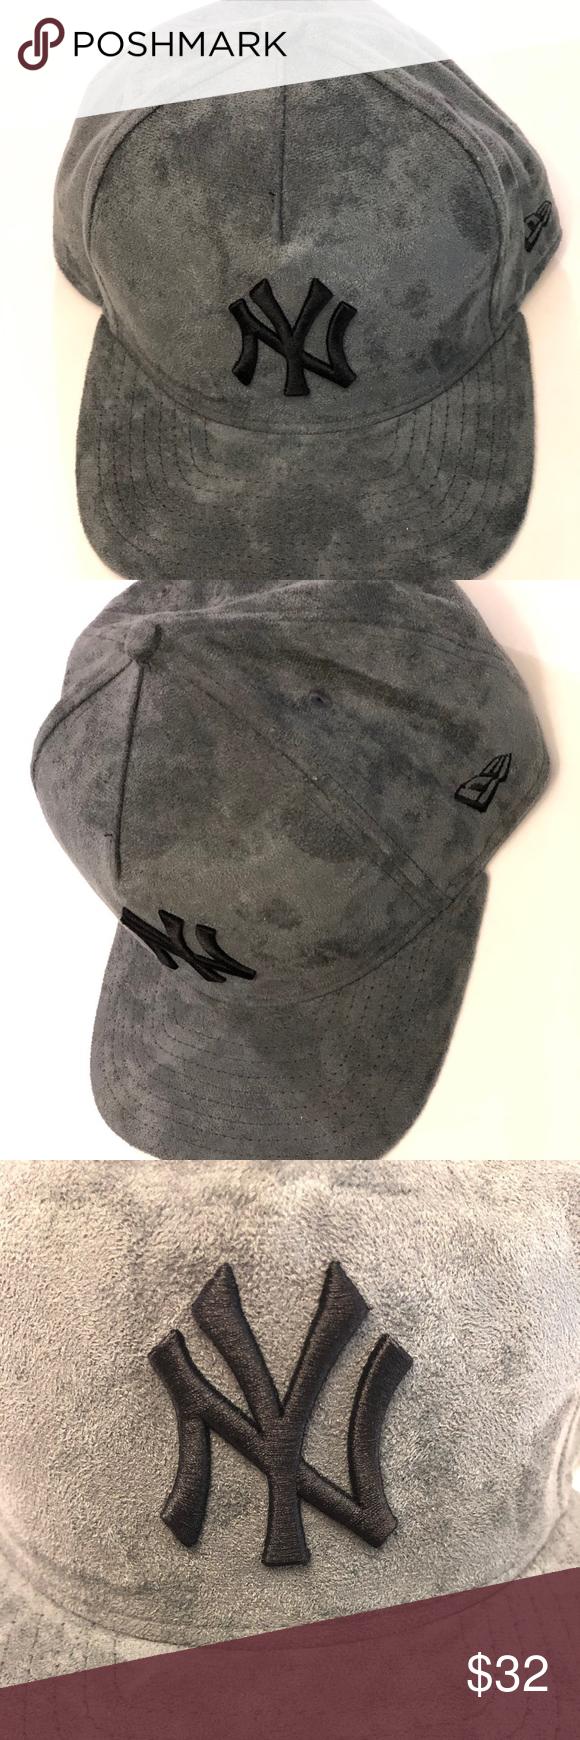 New York Yankees Dark Gray Suede Gray Faux Patent New Era Original Fit Snapback